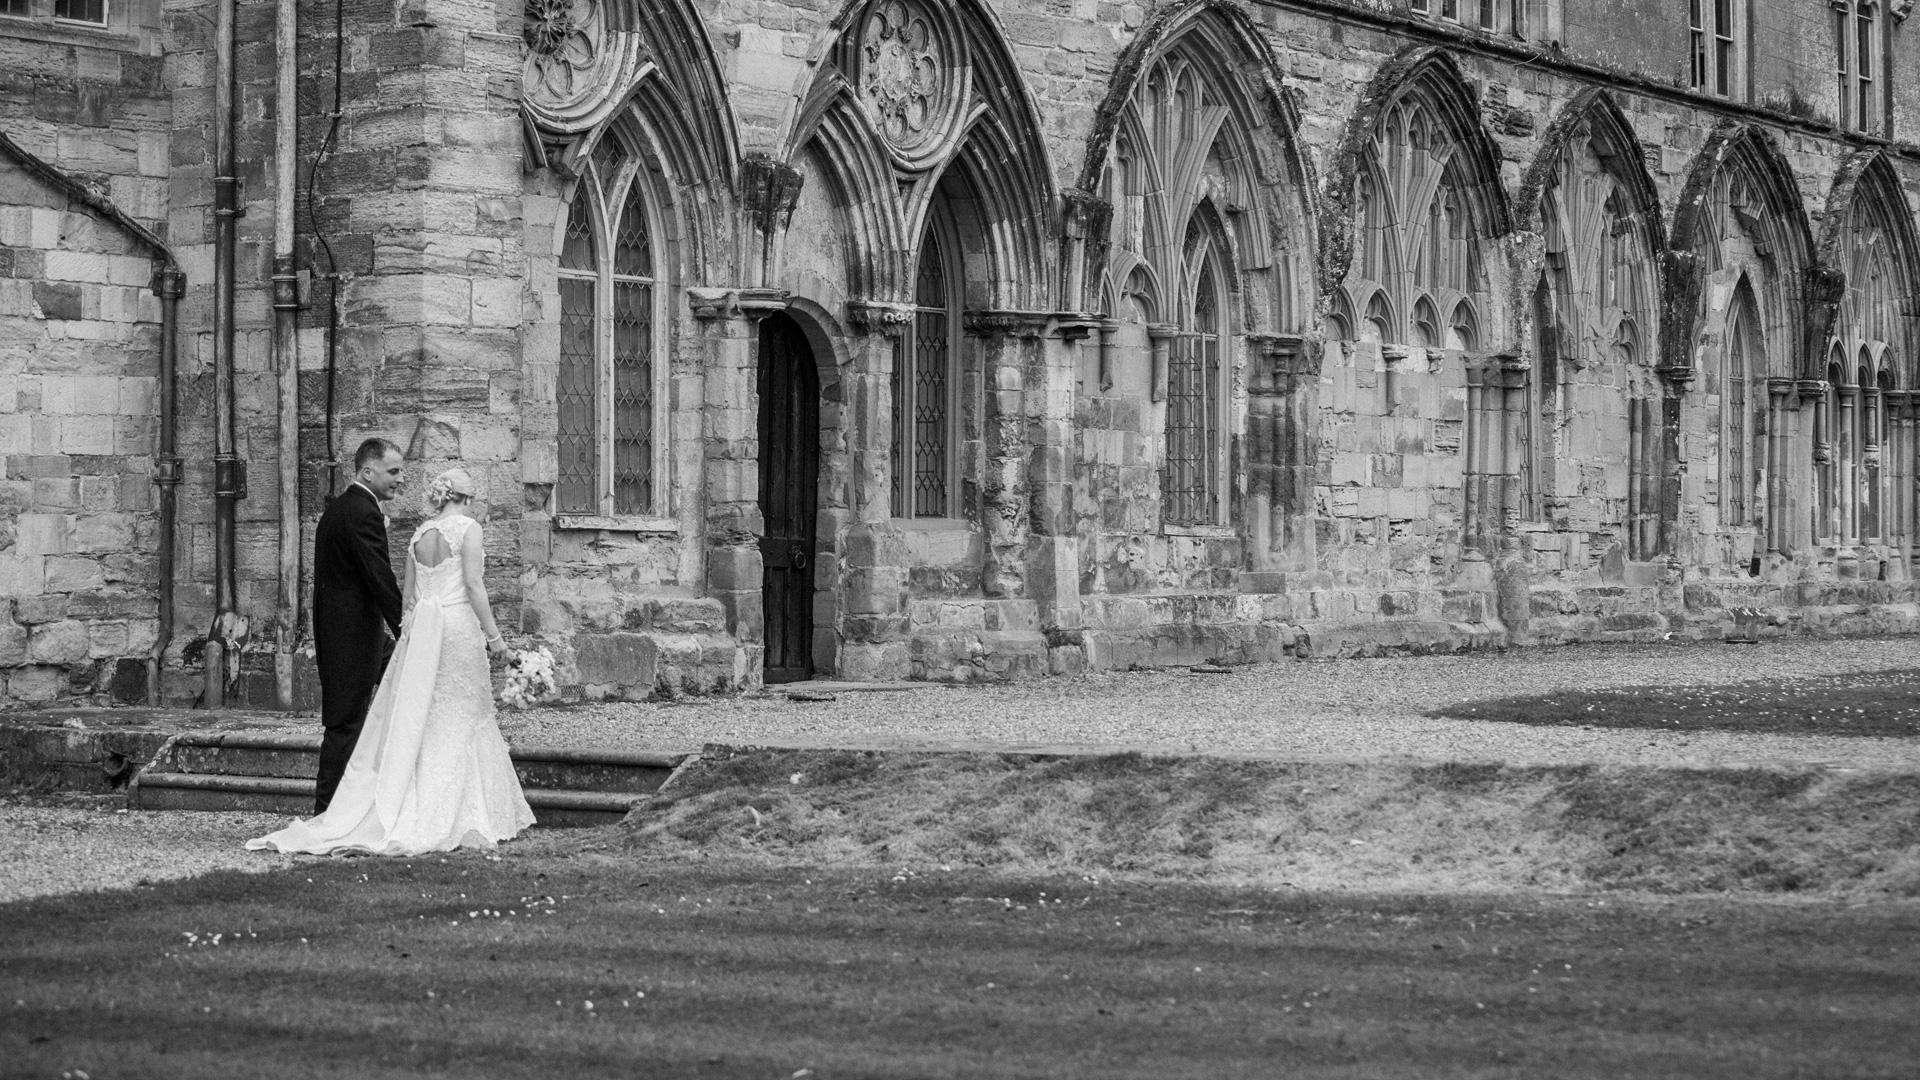 3battle-abbey-wedding-feature-image.jpg